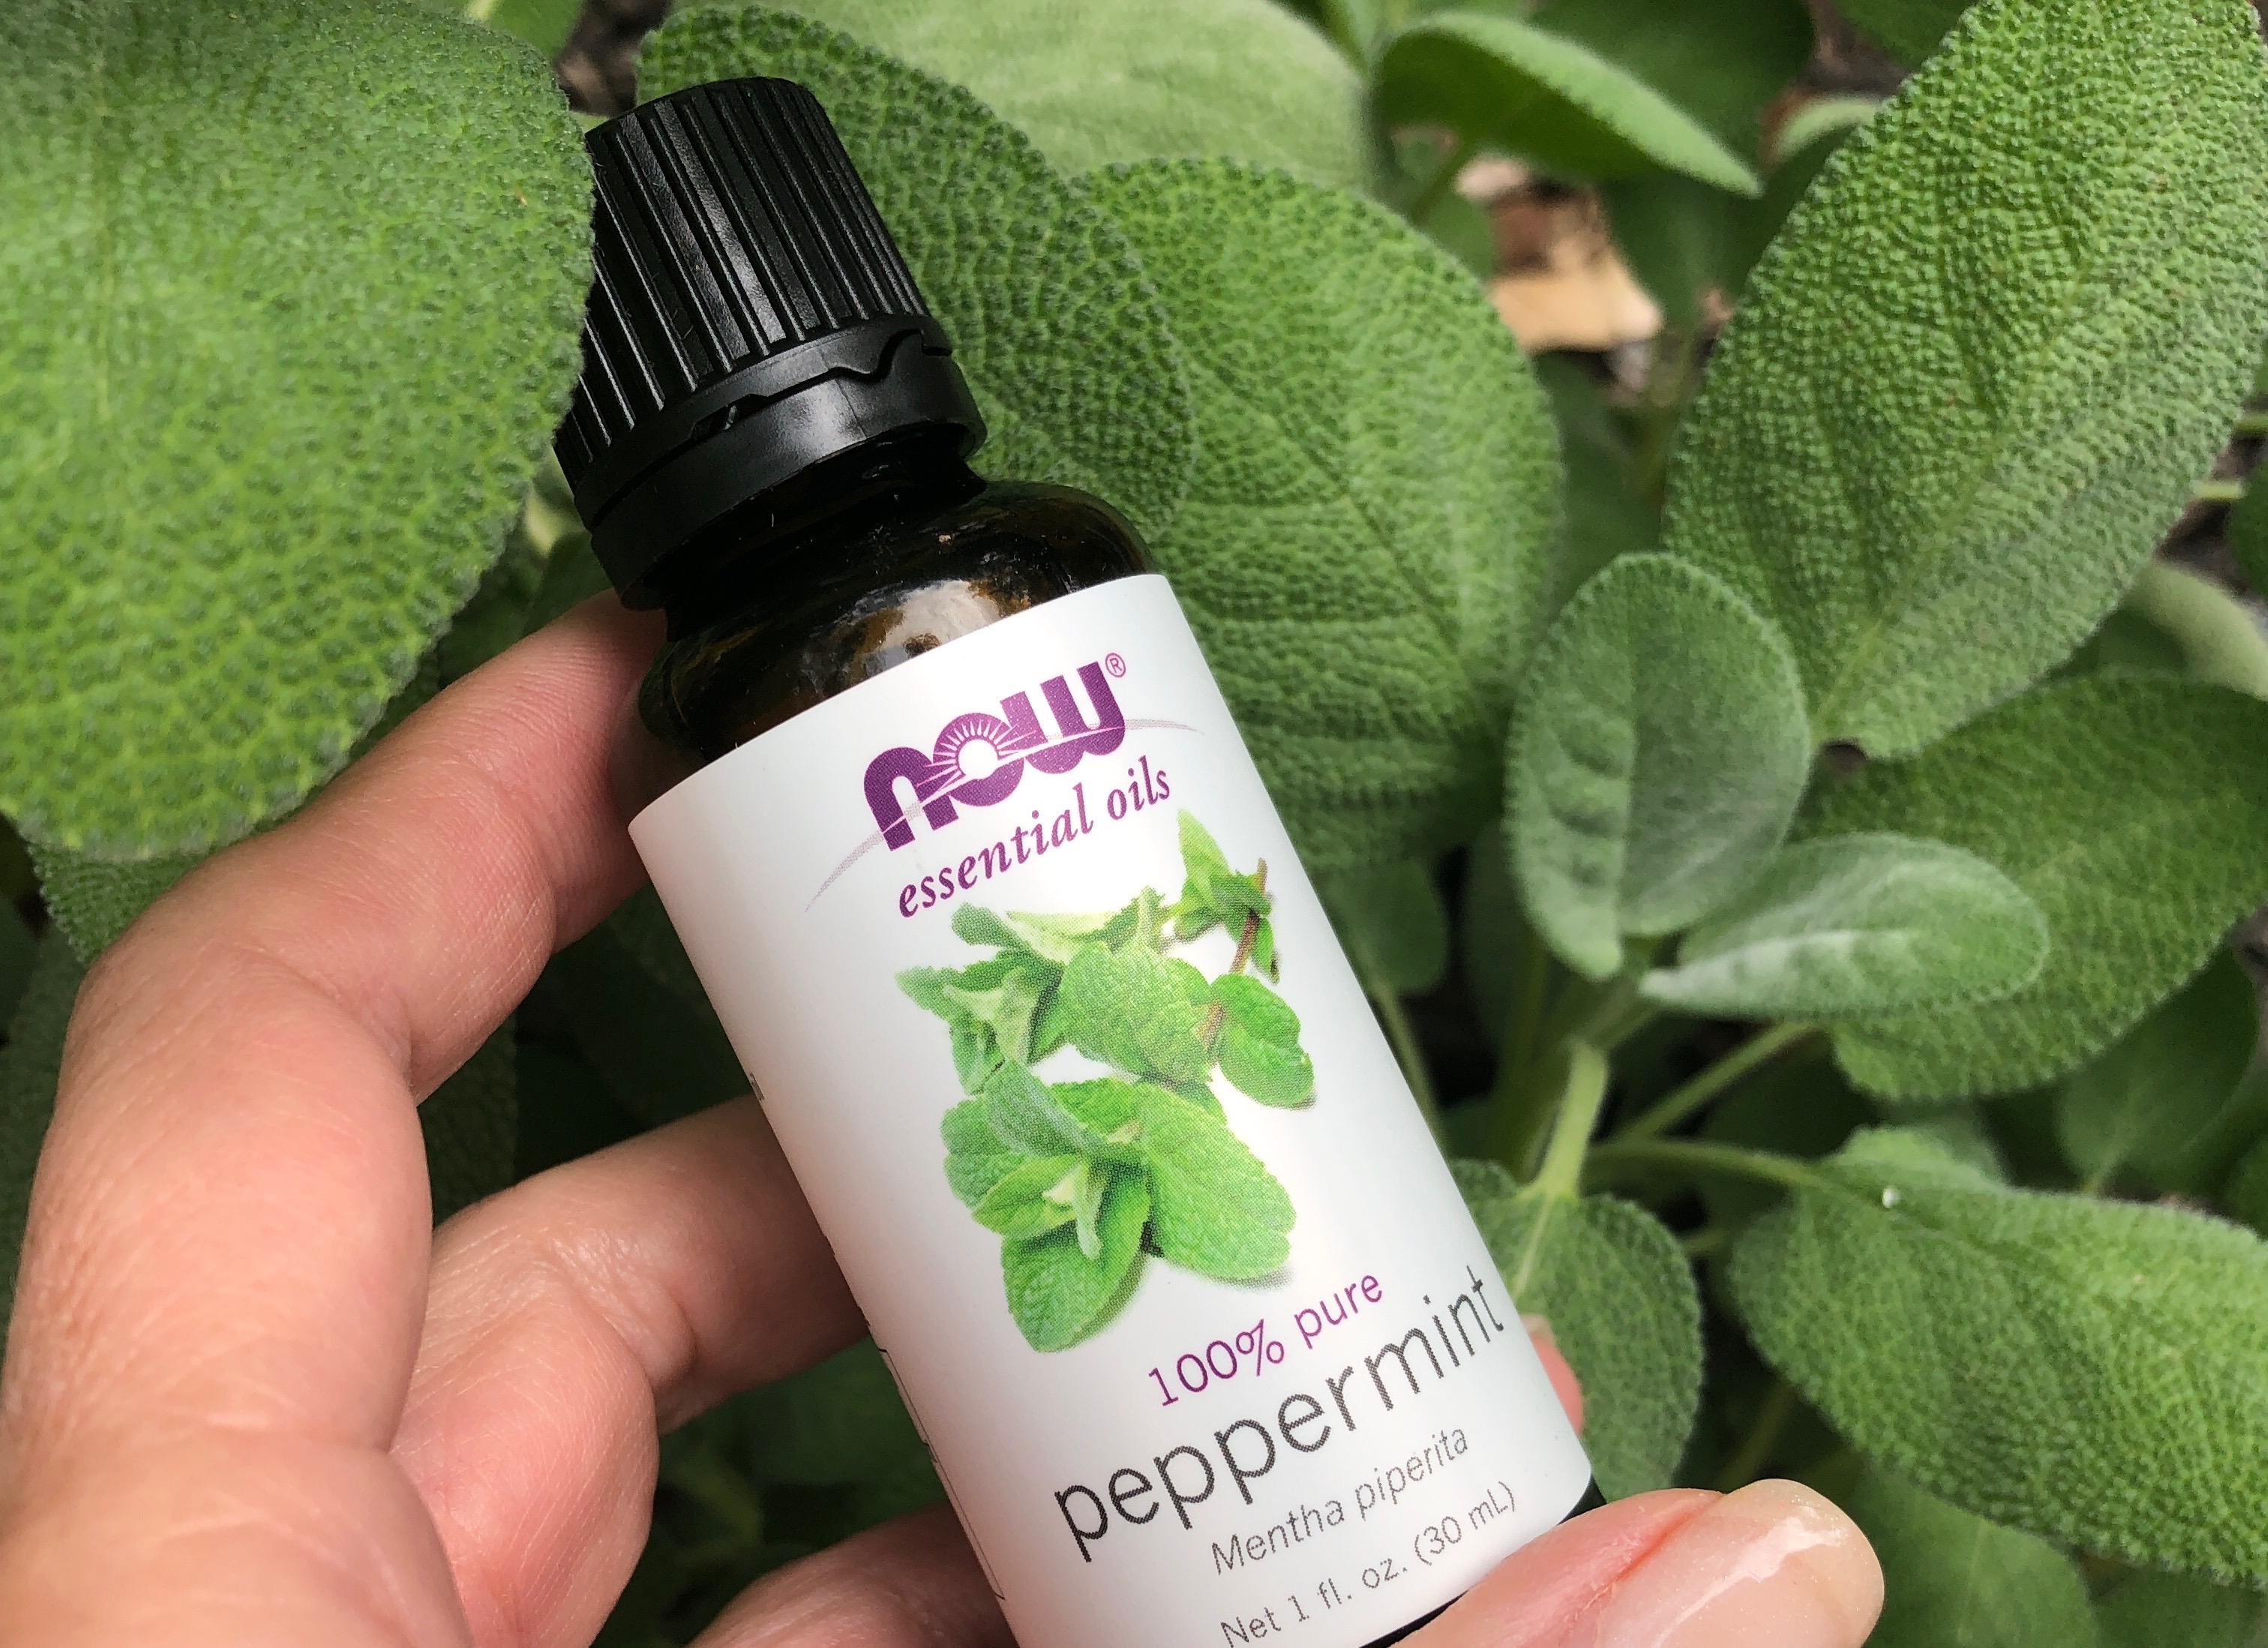 Peppermint Oil for Irritable Bowel? Sweet!